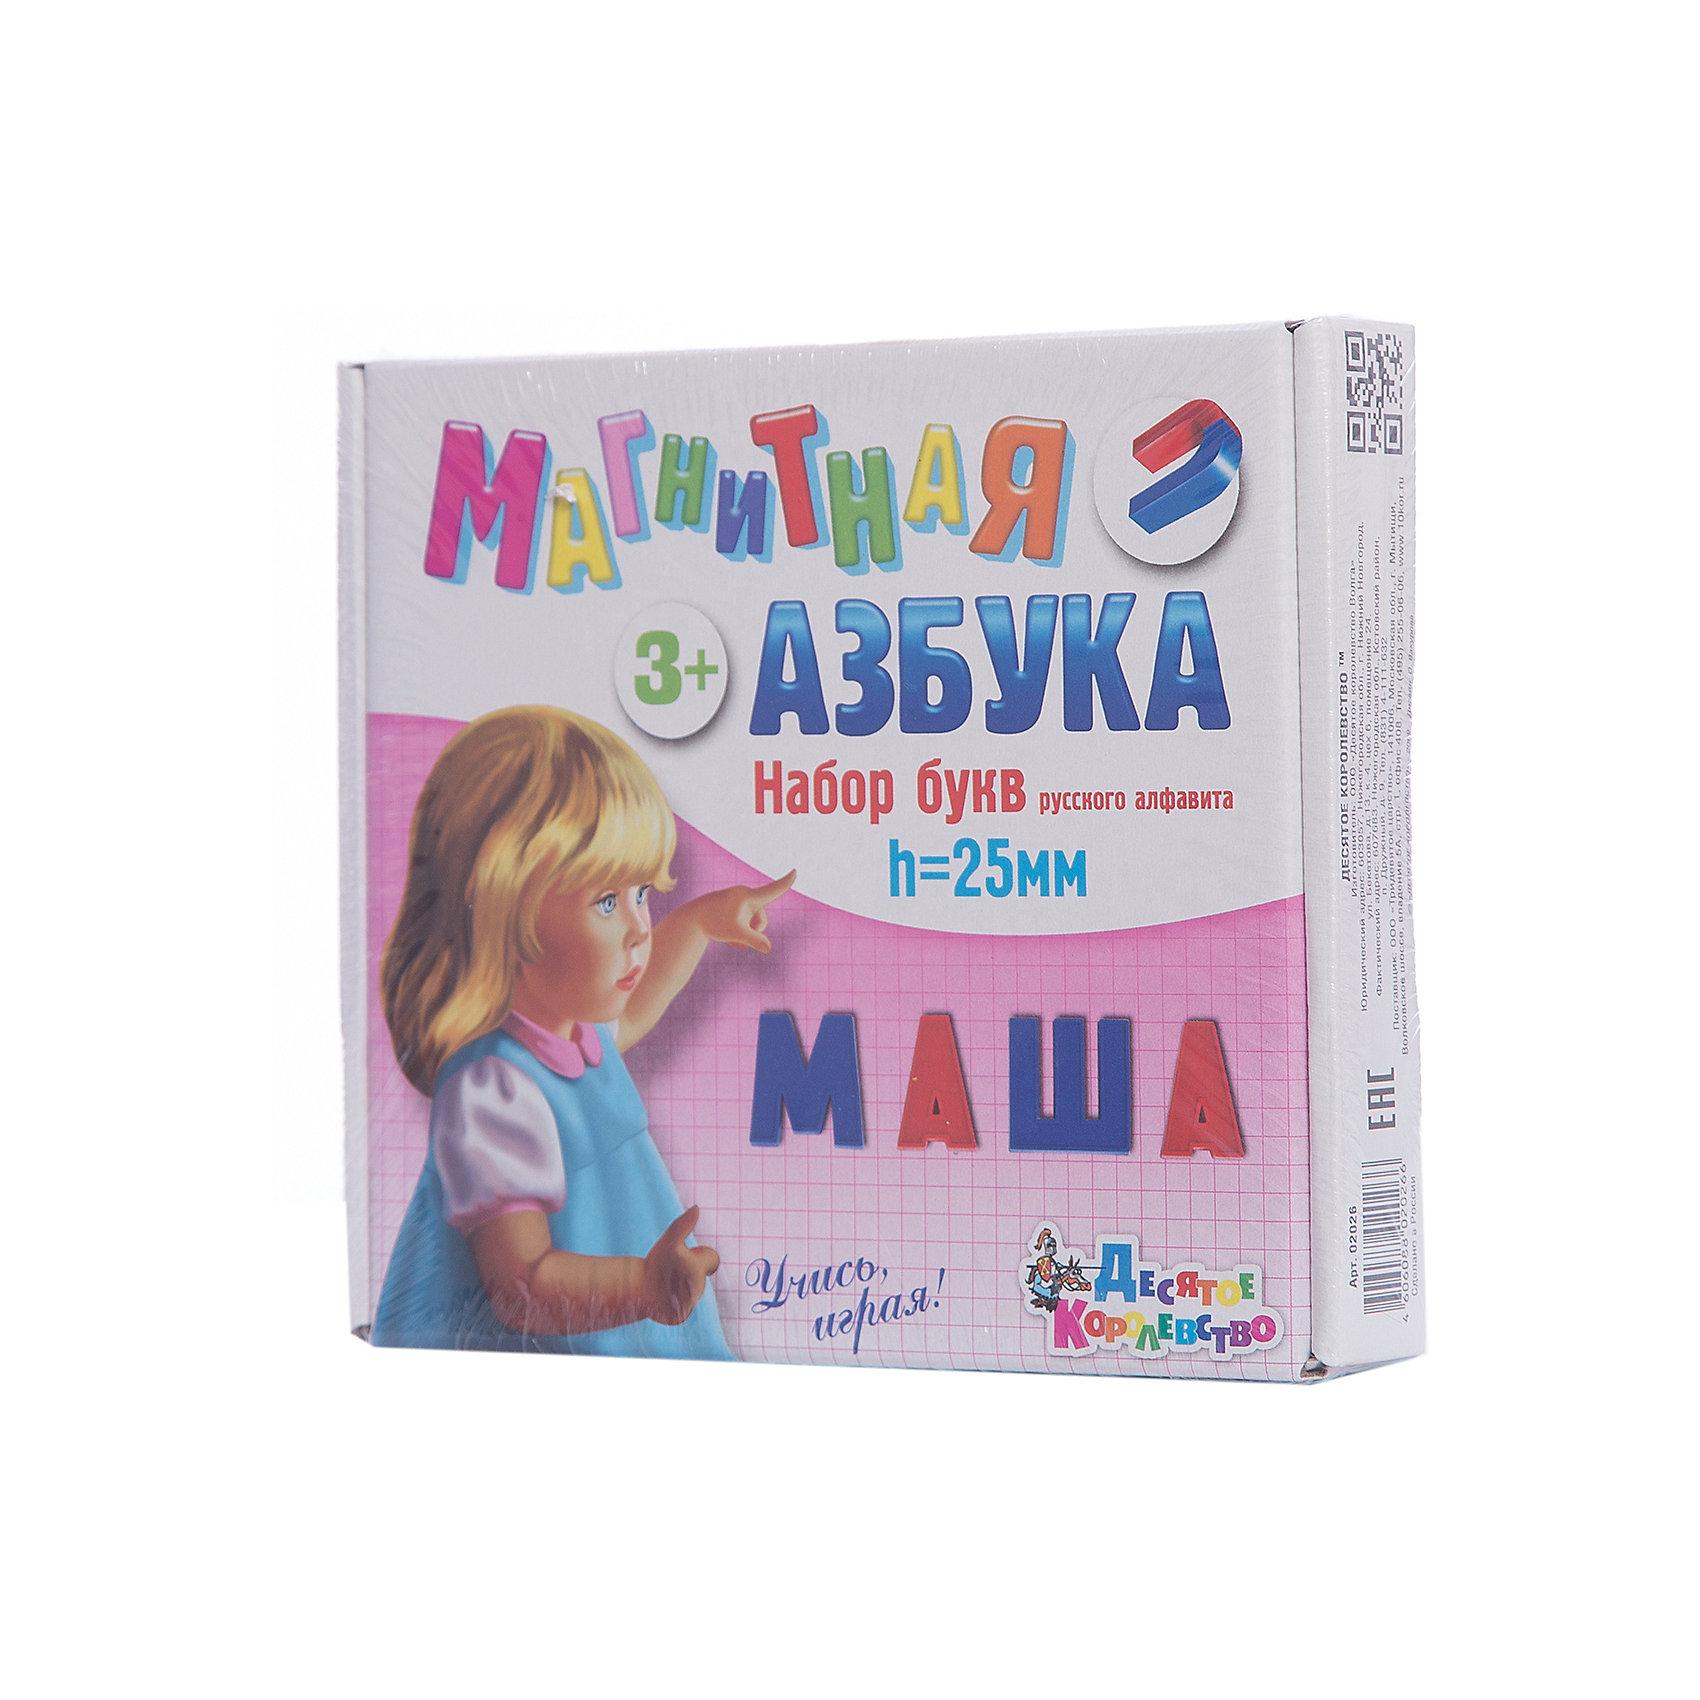 Магнитная Азбука, Десятое королевствоМагнитная Азбука, Десятое королевство<br><br>Характеристики:<br><br>• Возраст: от 3 лет<br>• Размер букв/цифр: 25мм<br>• В наборе: 79 элементов<br><br>Этот набор будет служить удобным и наглядным пособием для детей, изучающих буквы и основы счета. Если у вас нет Магнитной азбуки, то закреплять содержащиеся в наборе объемные знаки можно на холодильнике или иной металлической поверхности. Пользуясь набором можно закреплять знания по русскому языку или учиться читать и писать.<br><br>Магнитная Азбука, Десятое королевство можно купить в нашем интернет-магазине.<br><br>Ширина мм: 200<br>Глубина мм: 175<br>Высота мм: 35<br>Вес г: 249<br>Возраст от месяцев: 36<br>Возраст до месяцев: 60<br>Пол: Унисекс<br>Возраст: Детский<br>SKU: 5471715